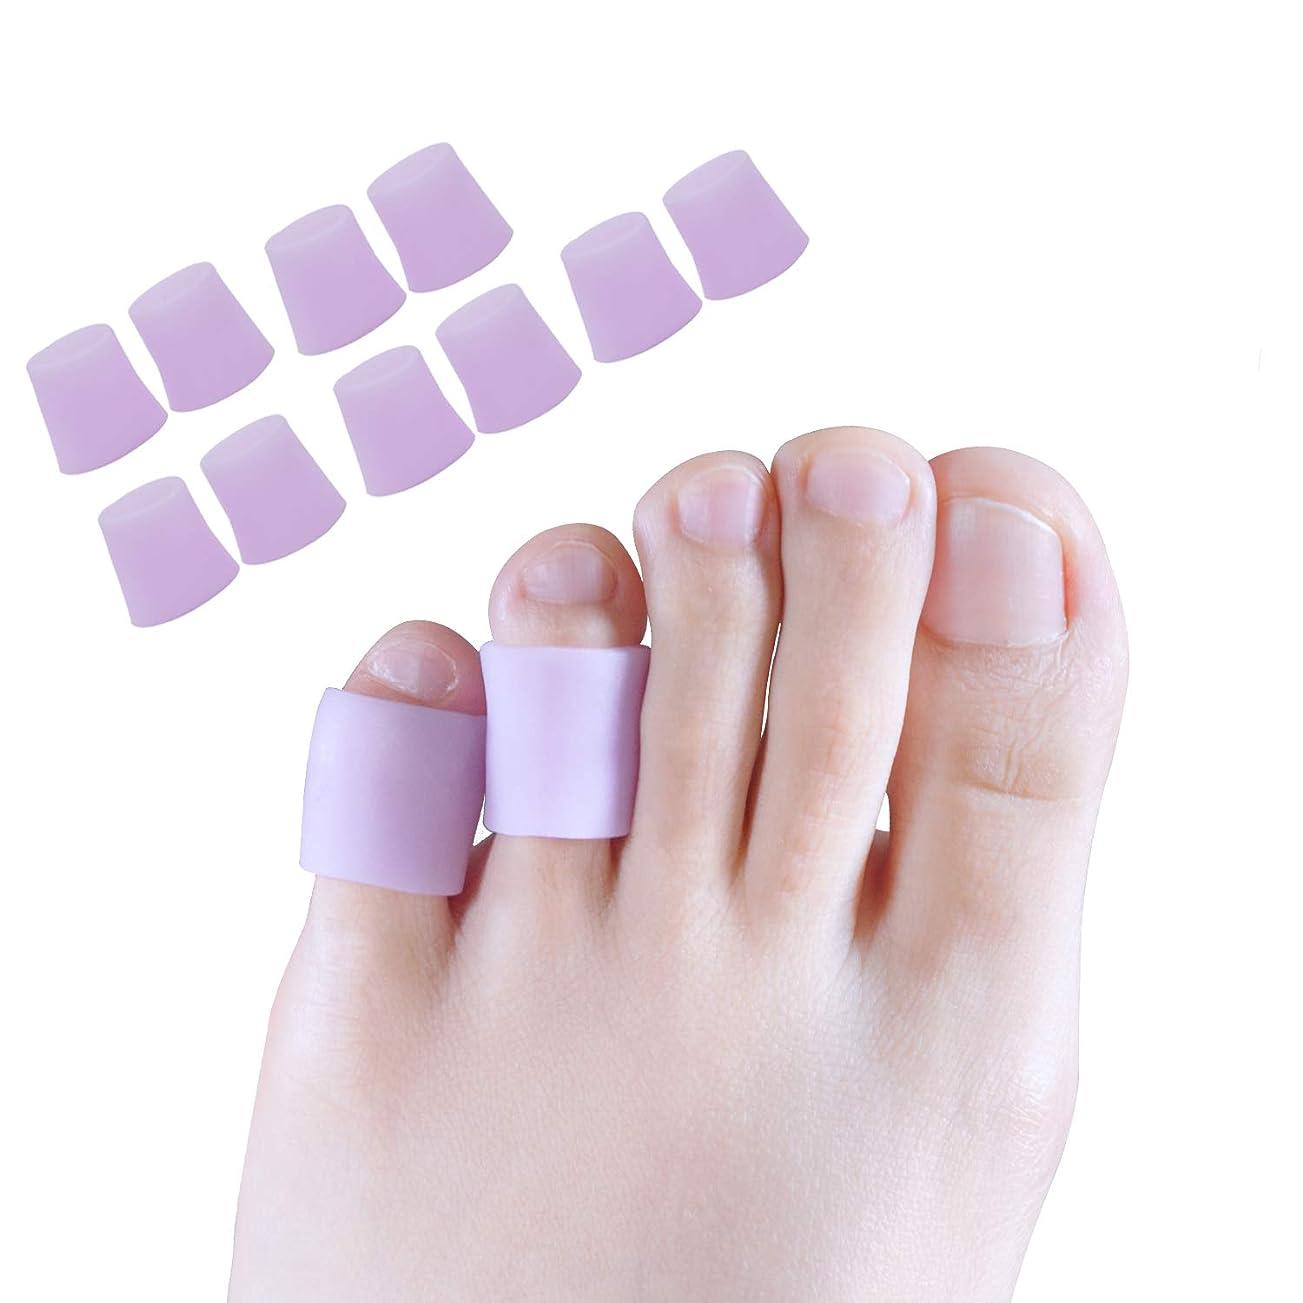 偽トレイル奪うPovihome 足指保護キャップ, 足指 足爪 保護キャップ 小指 5ペア,足の小指保護,パープル